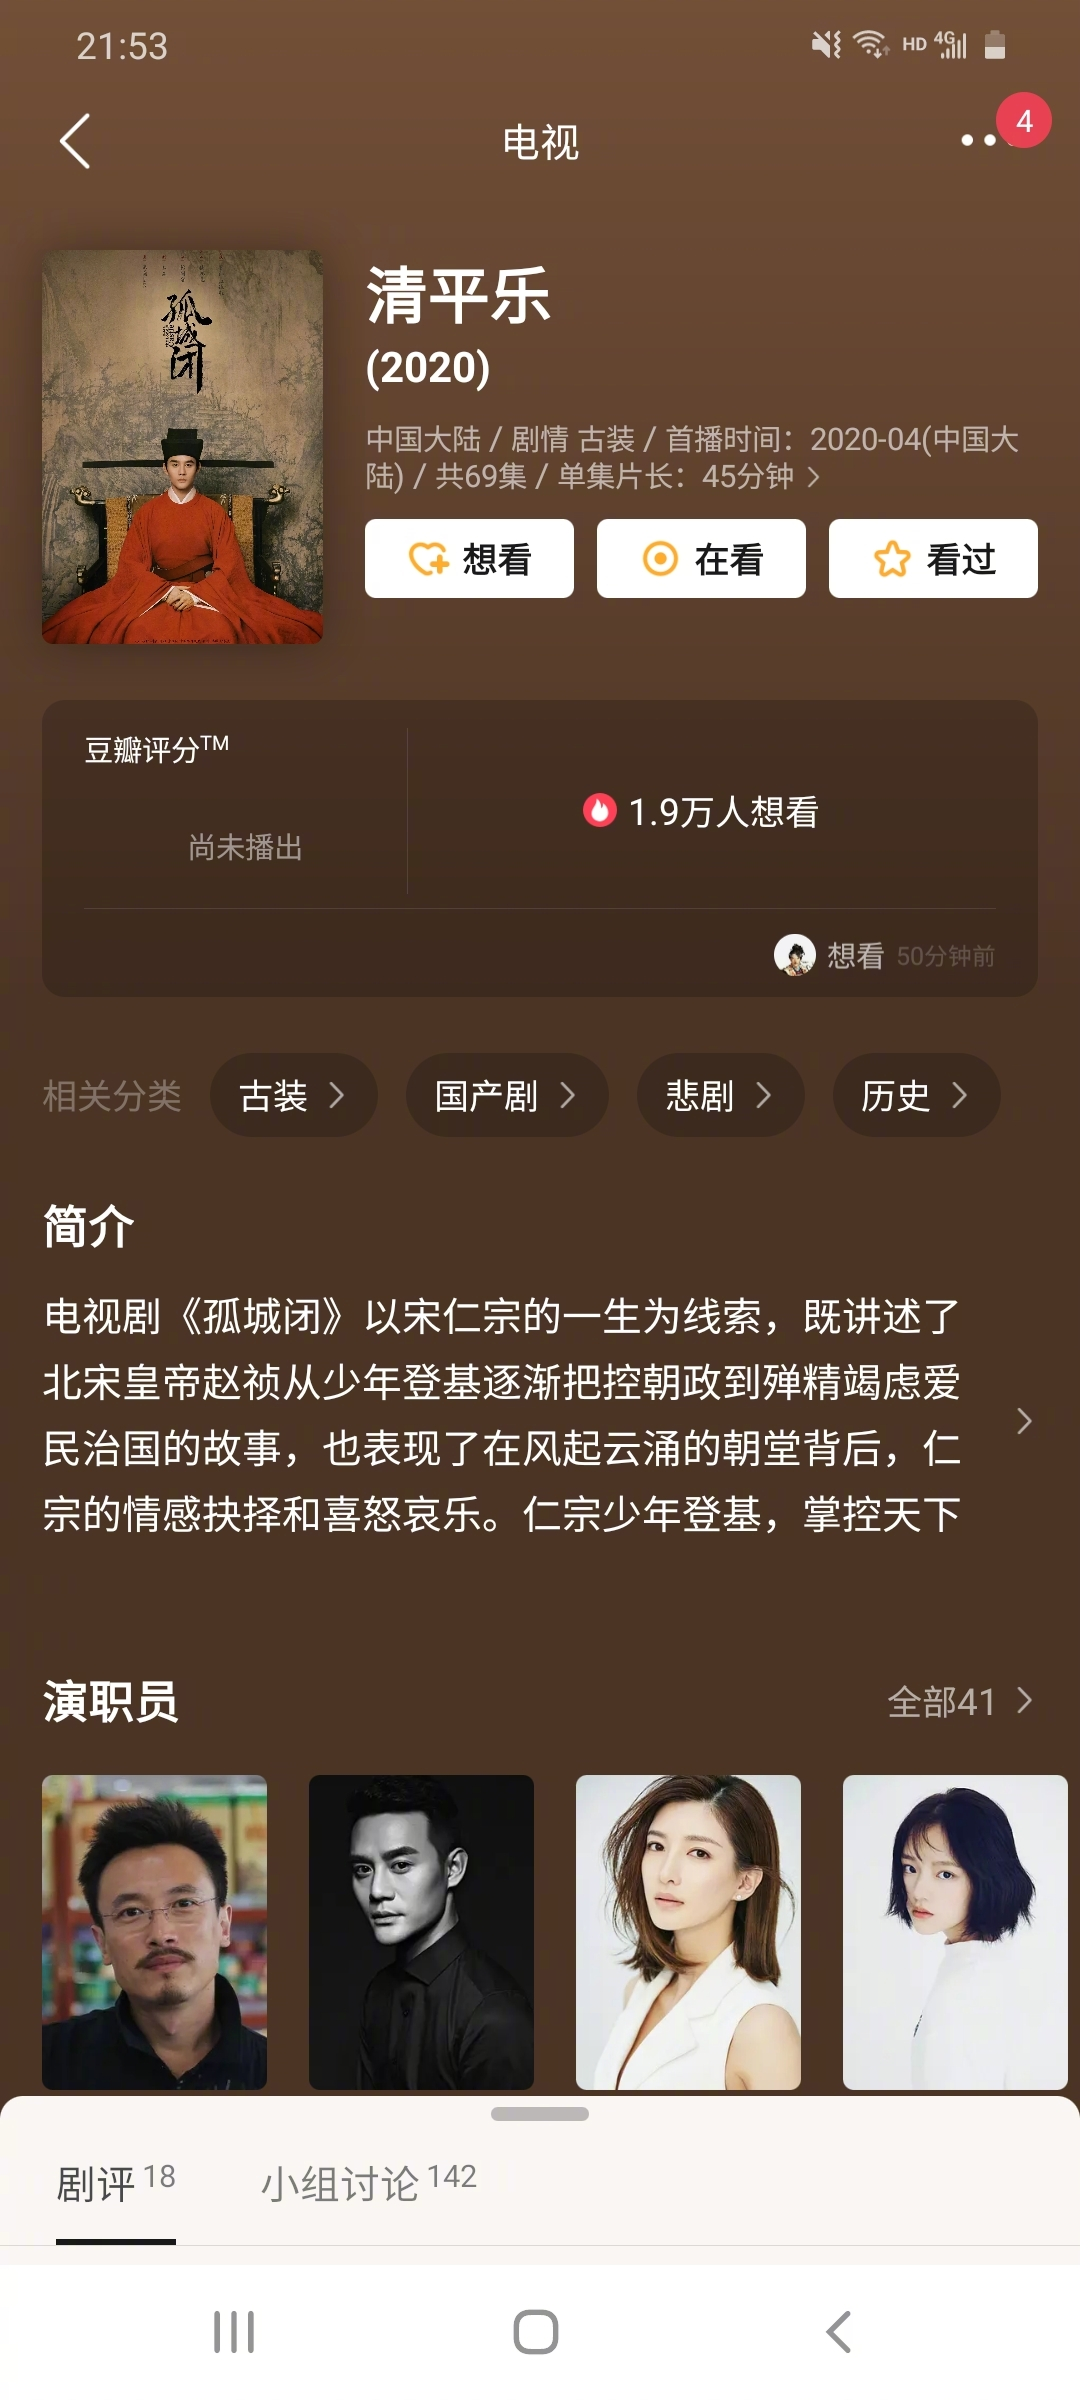 王凯,江疏影主演的古装剧改名《清平乐》预计是4月湖南卫视播出